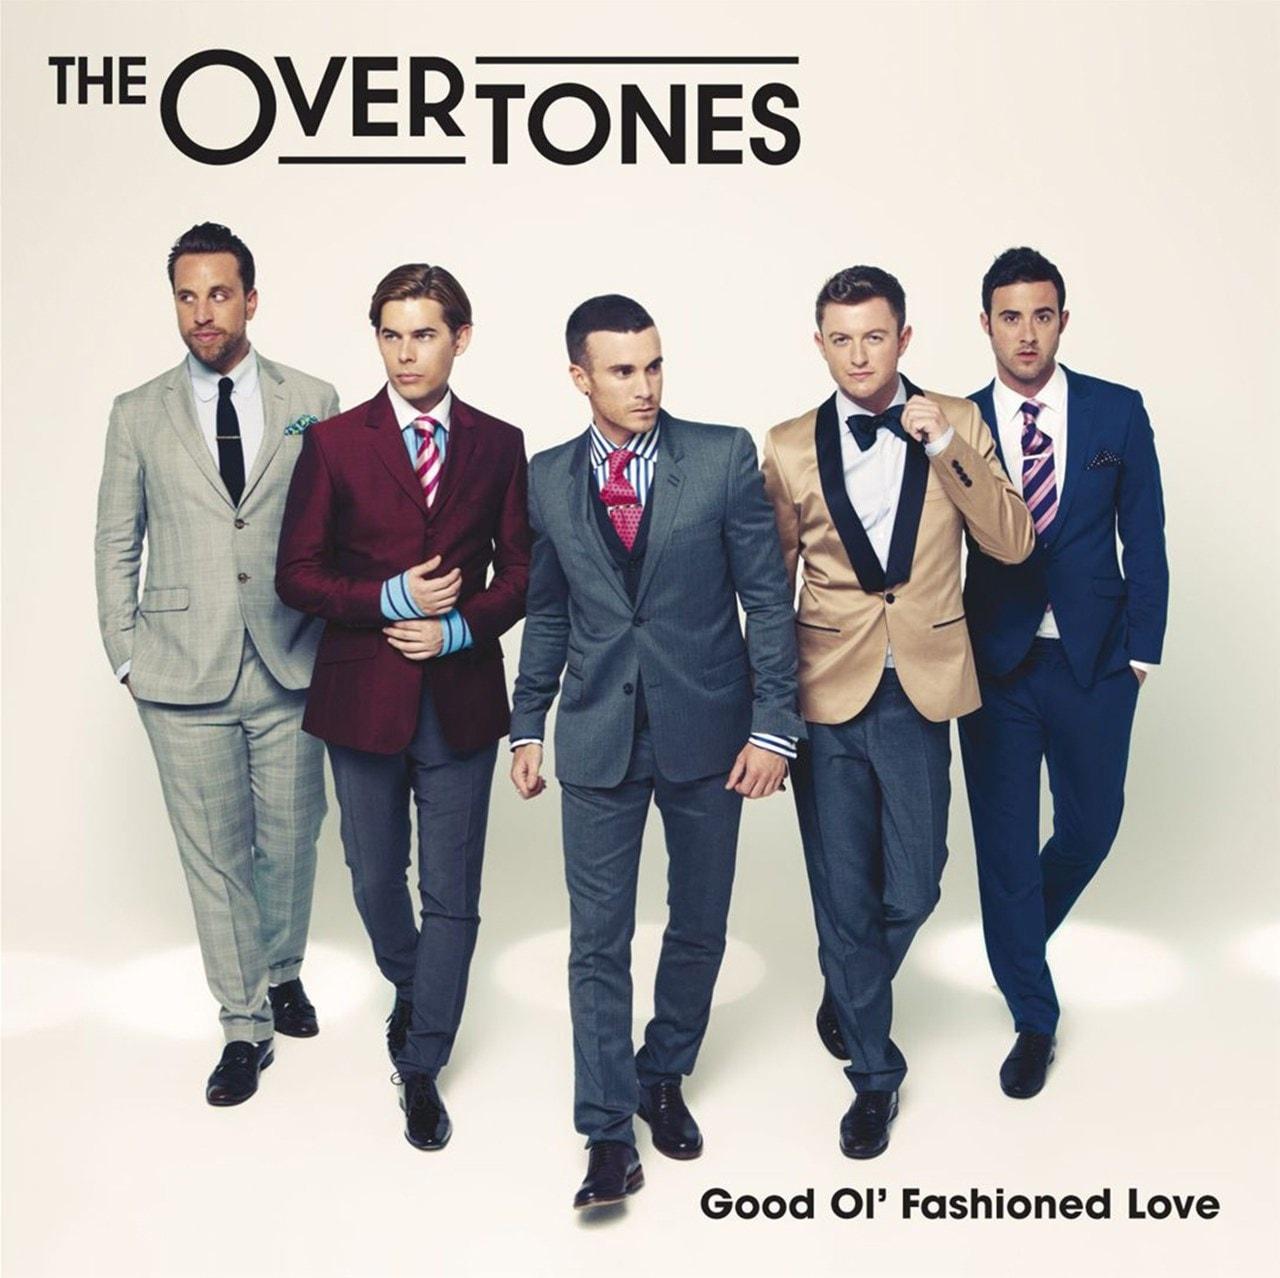 Good Ol' Fashioned Love - 1